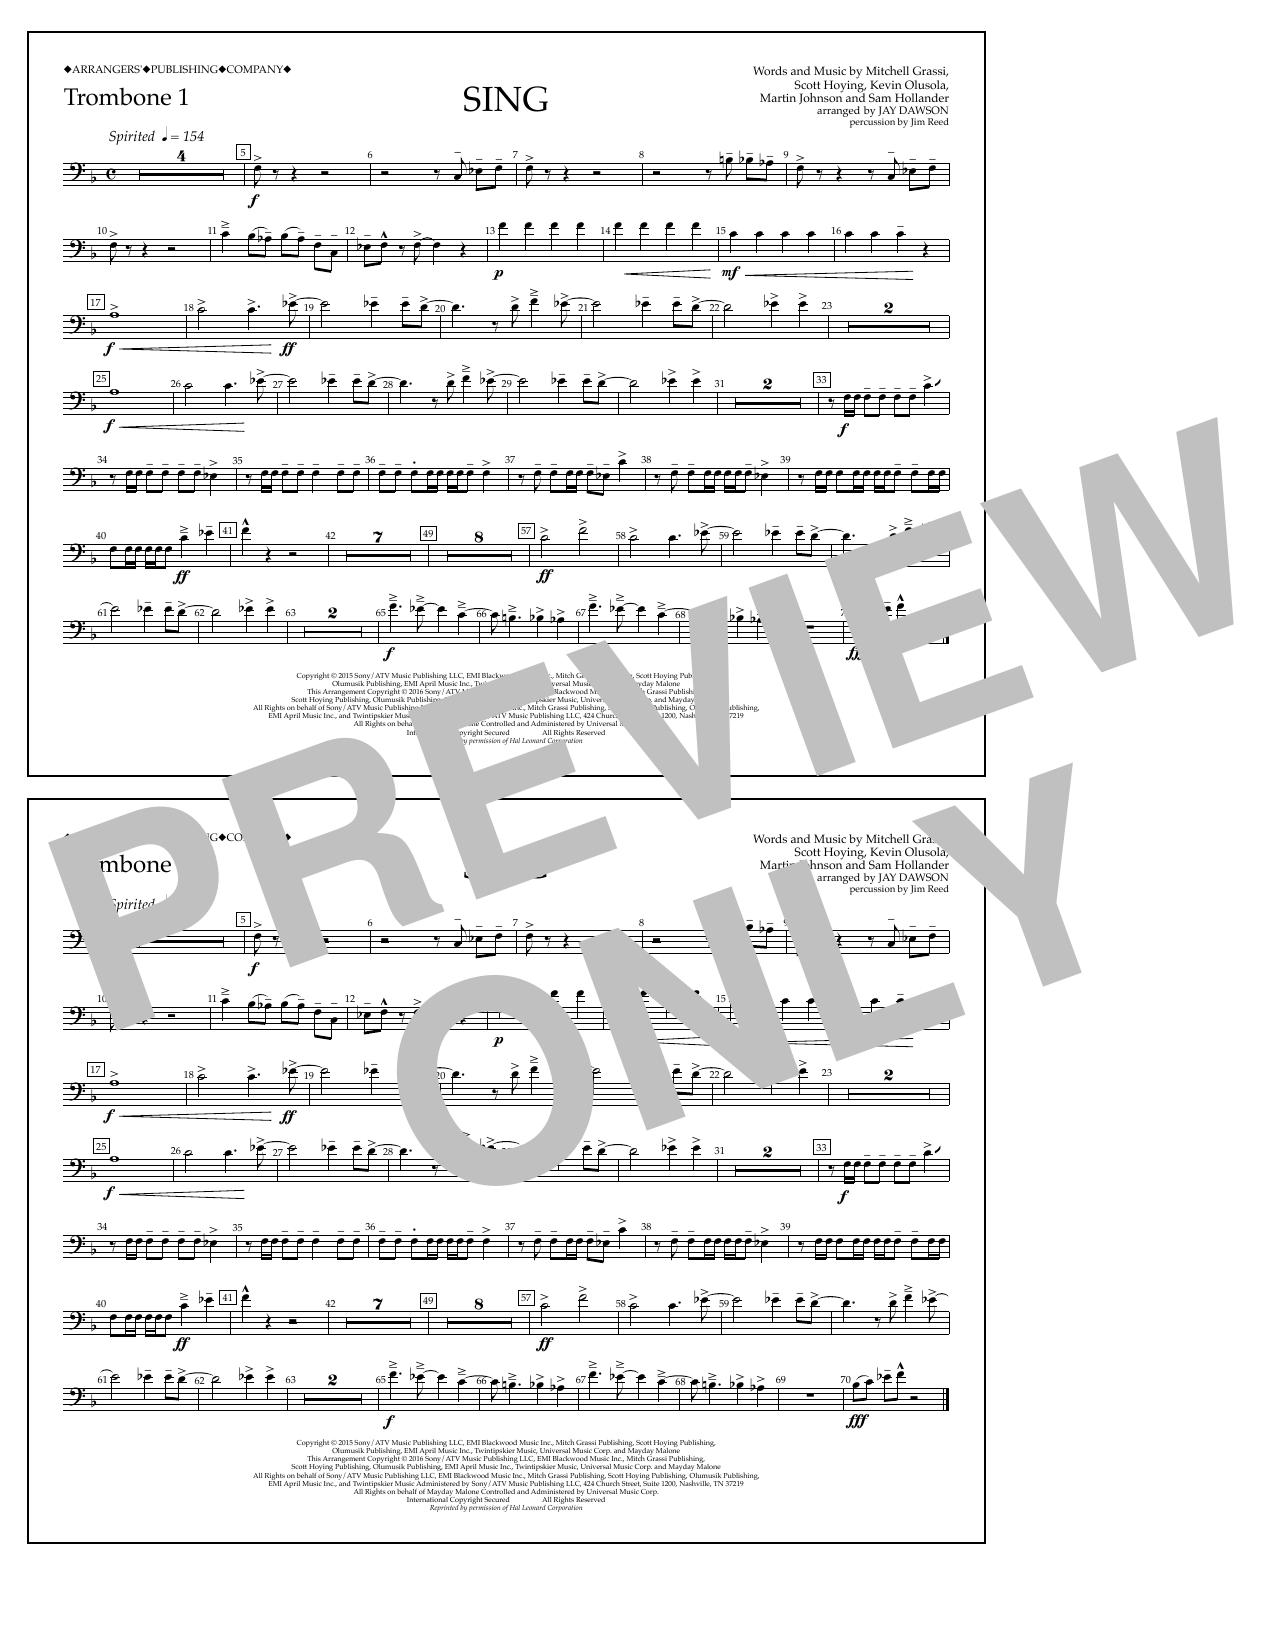 Pentatonix - Sing - Trombone 1